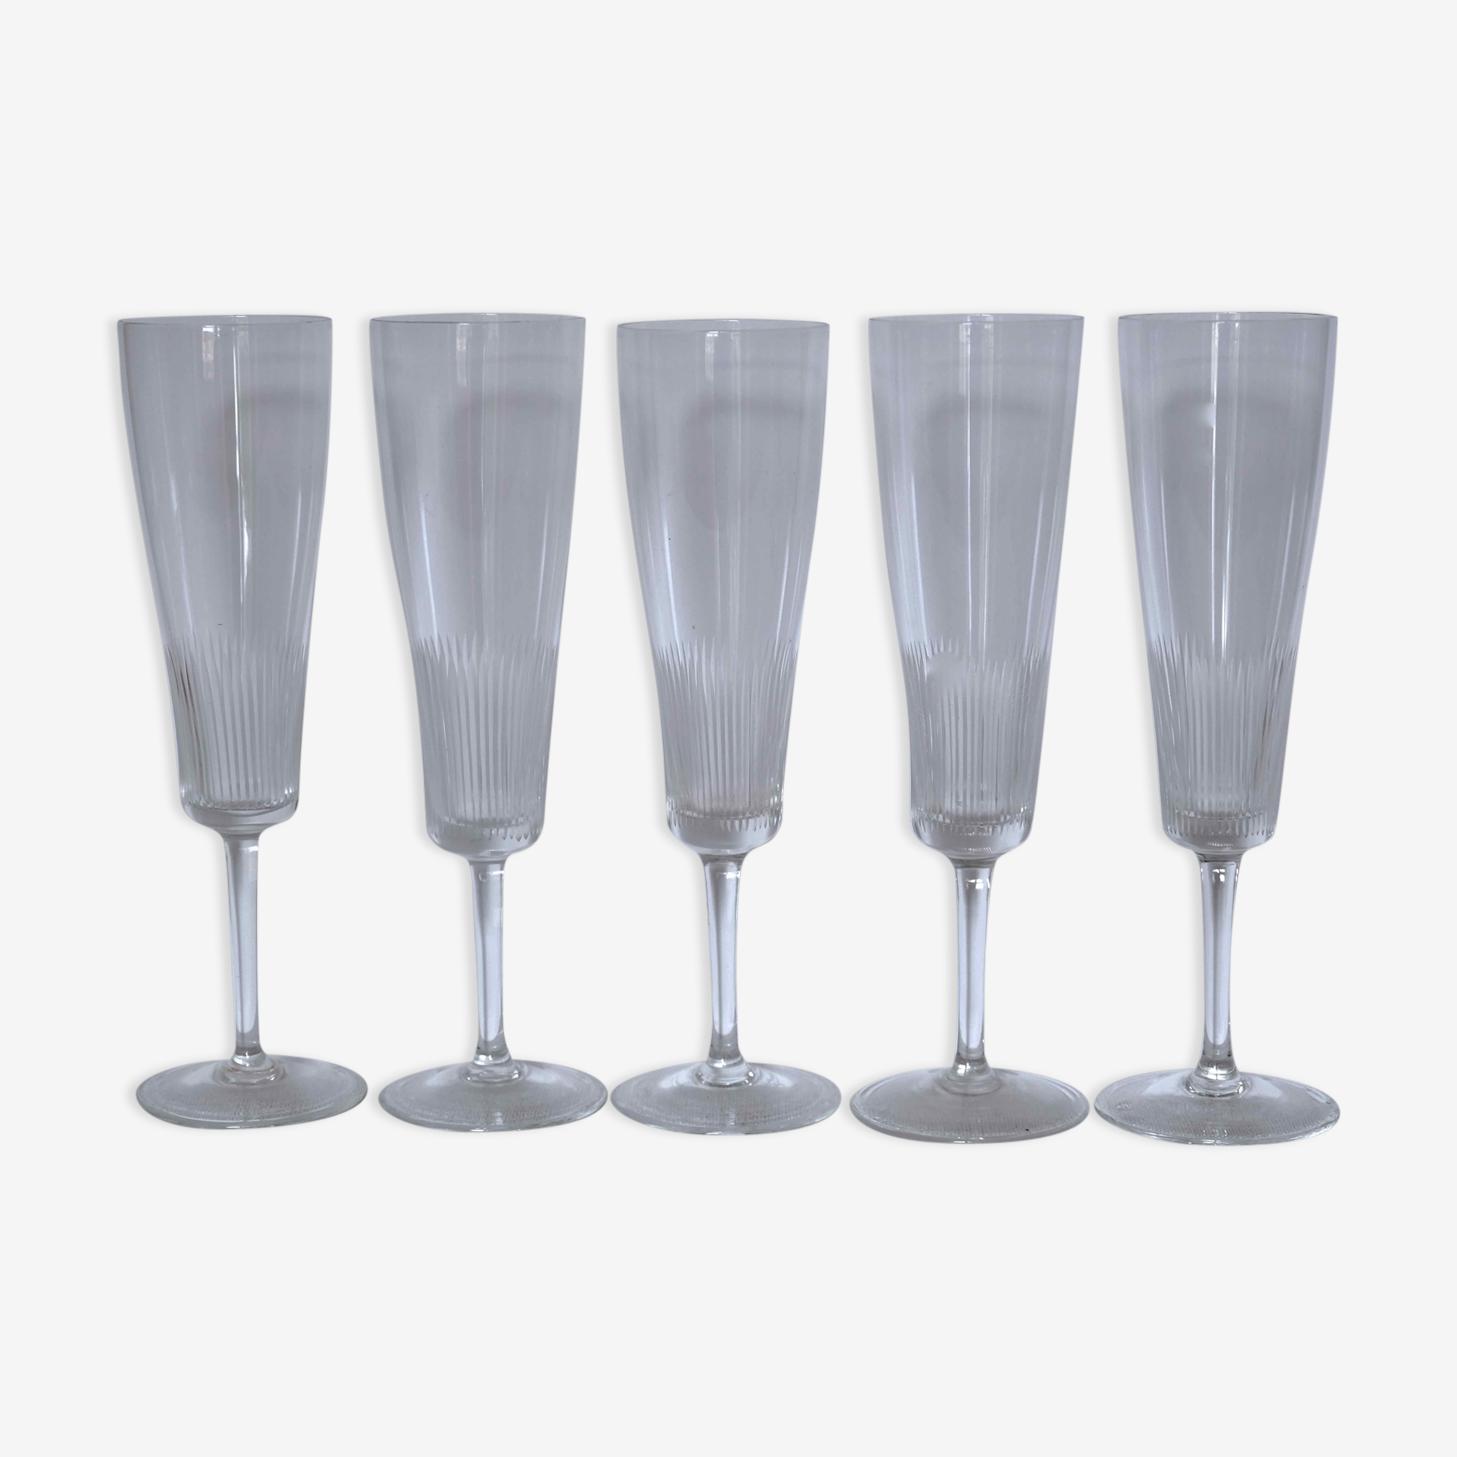 Série de 5 flûtes à champagne en cristal ancien fin